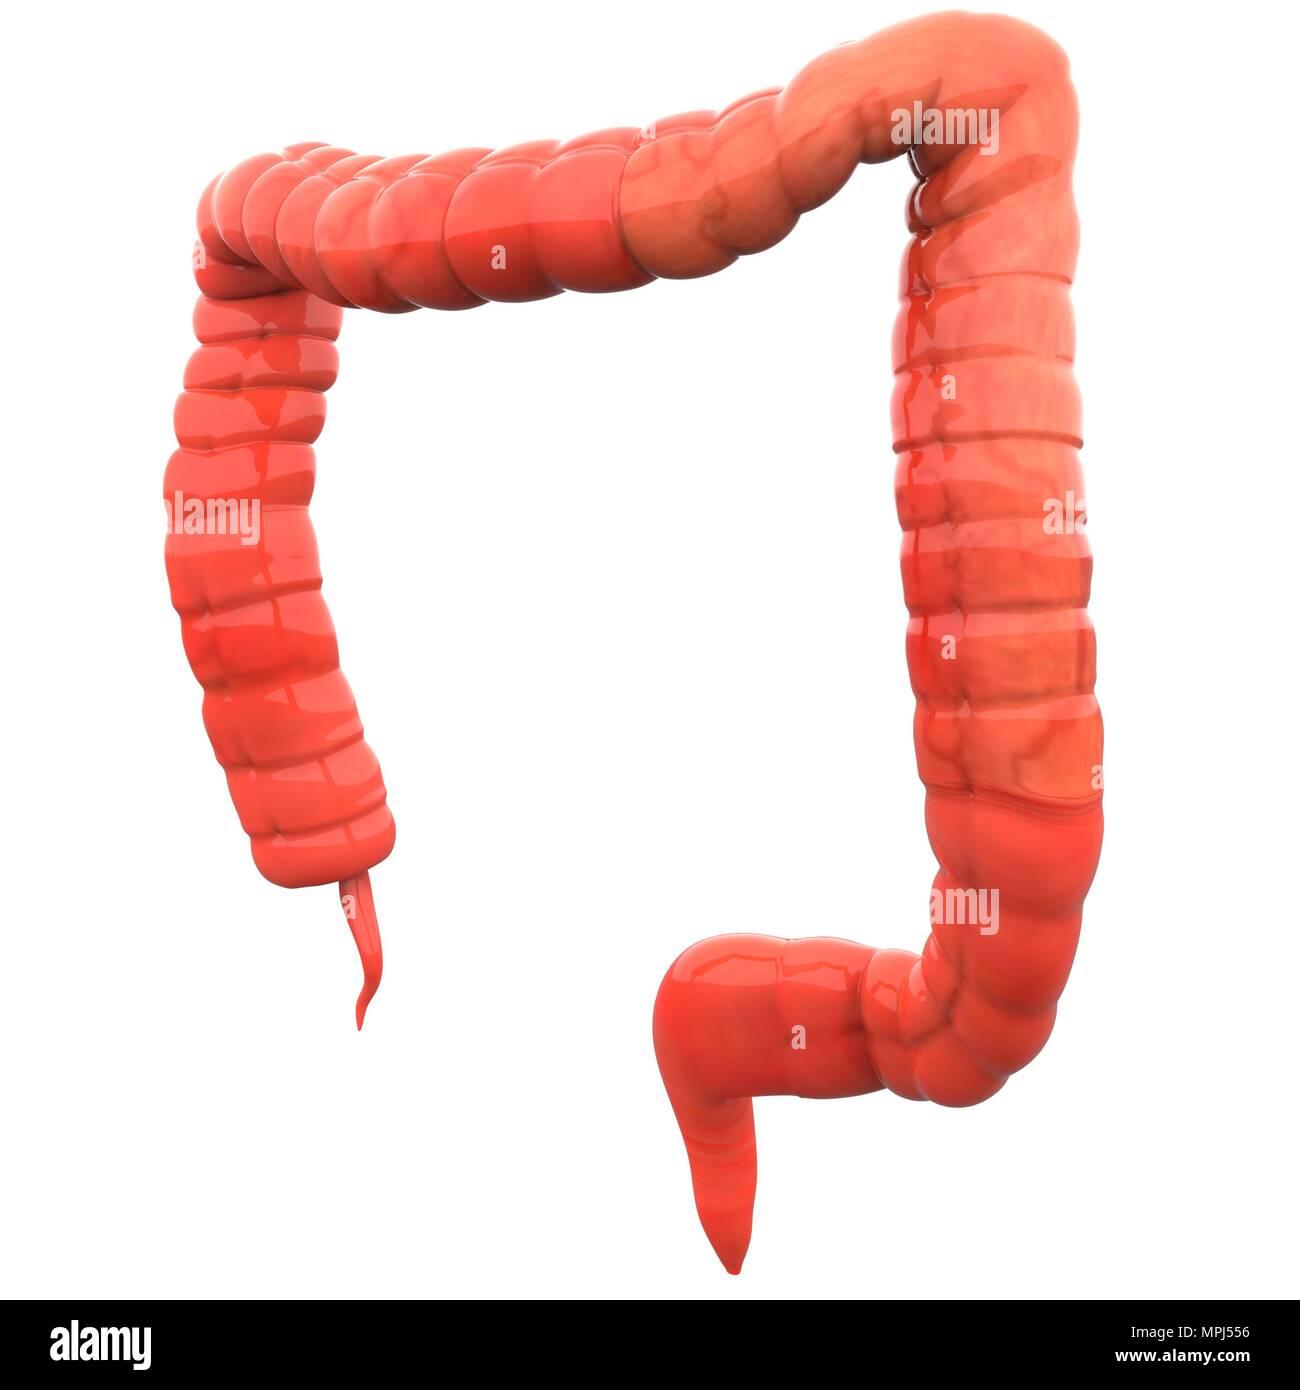 Menschliche Verdauungssystem Dickdarm Anatomie Stockfoto, Bild ...